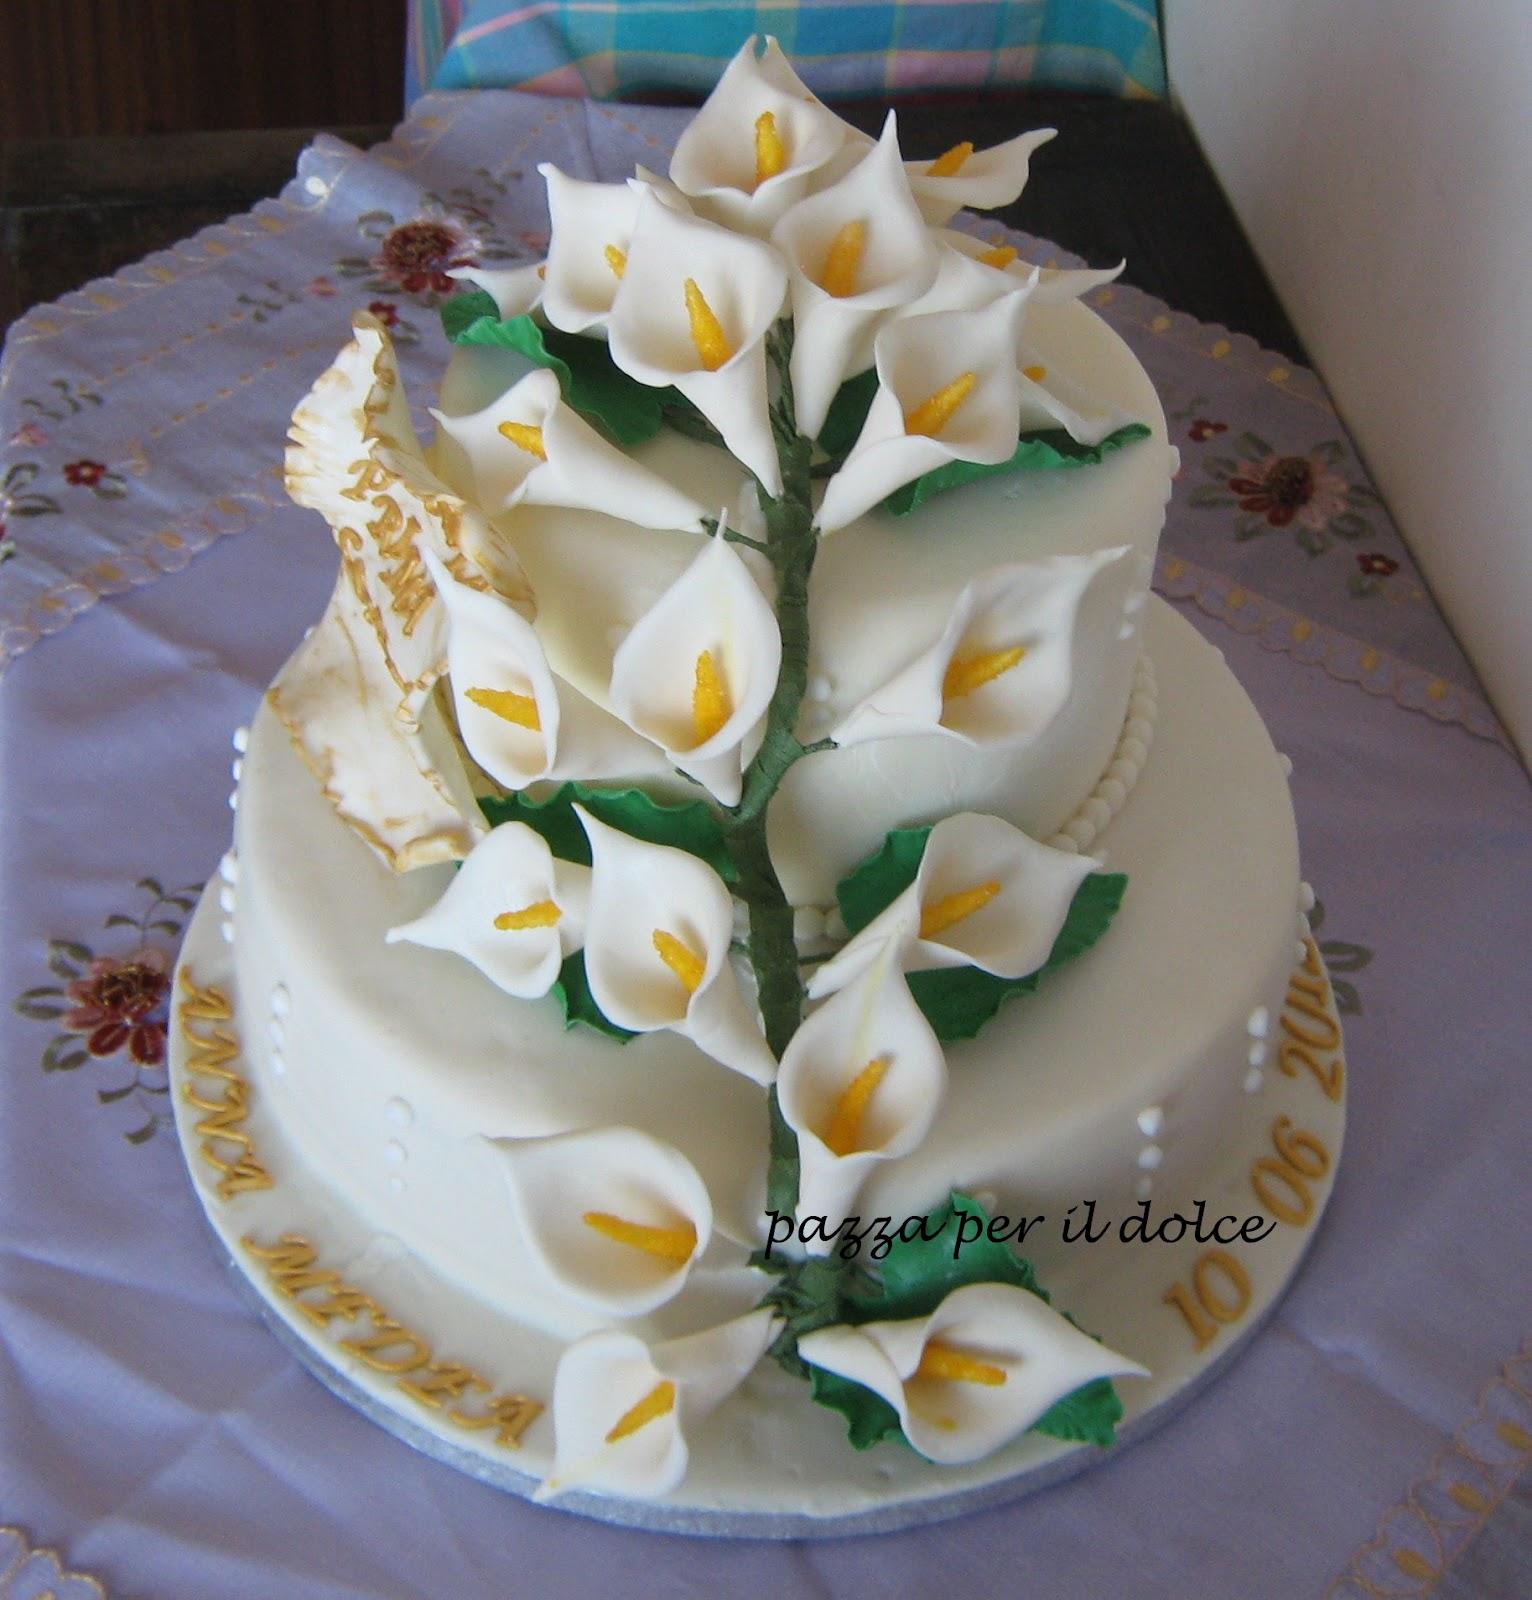 Pazza per il dolce torta a due piani per una prima comunione for Decorazione torte prima comunione